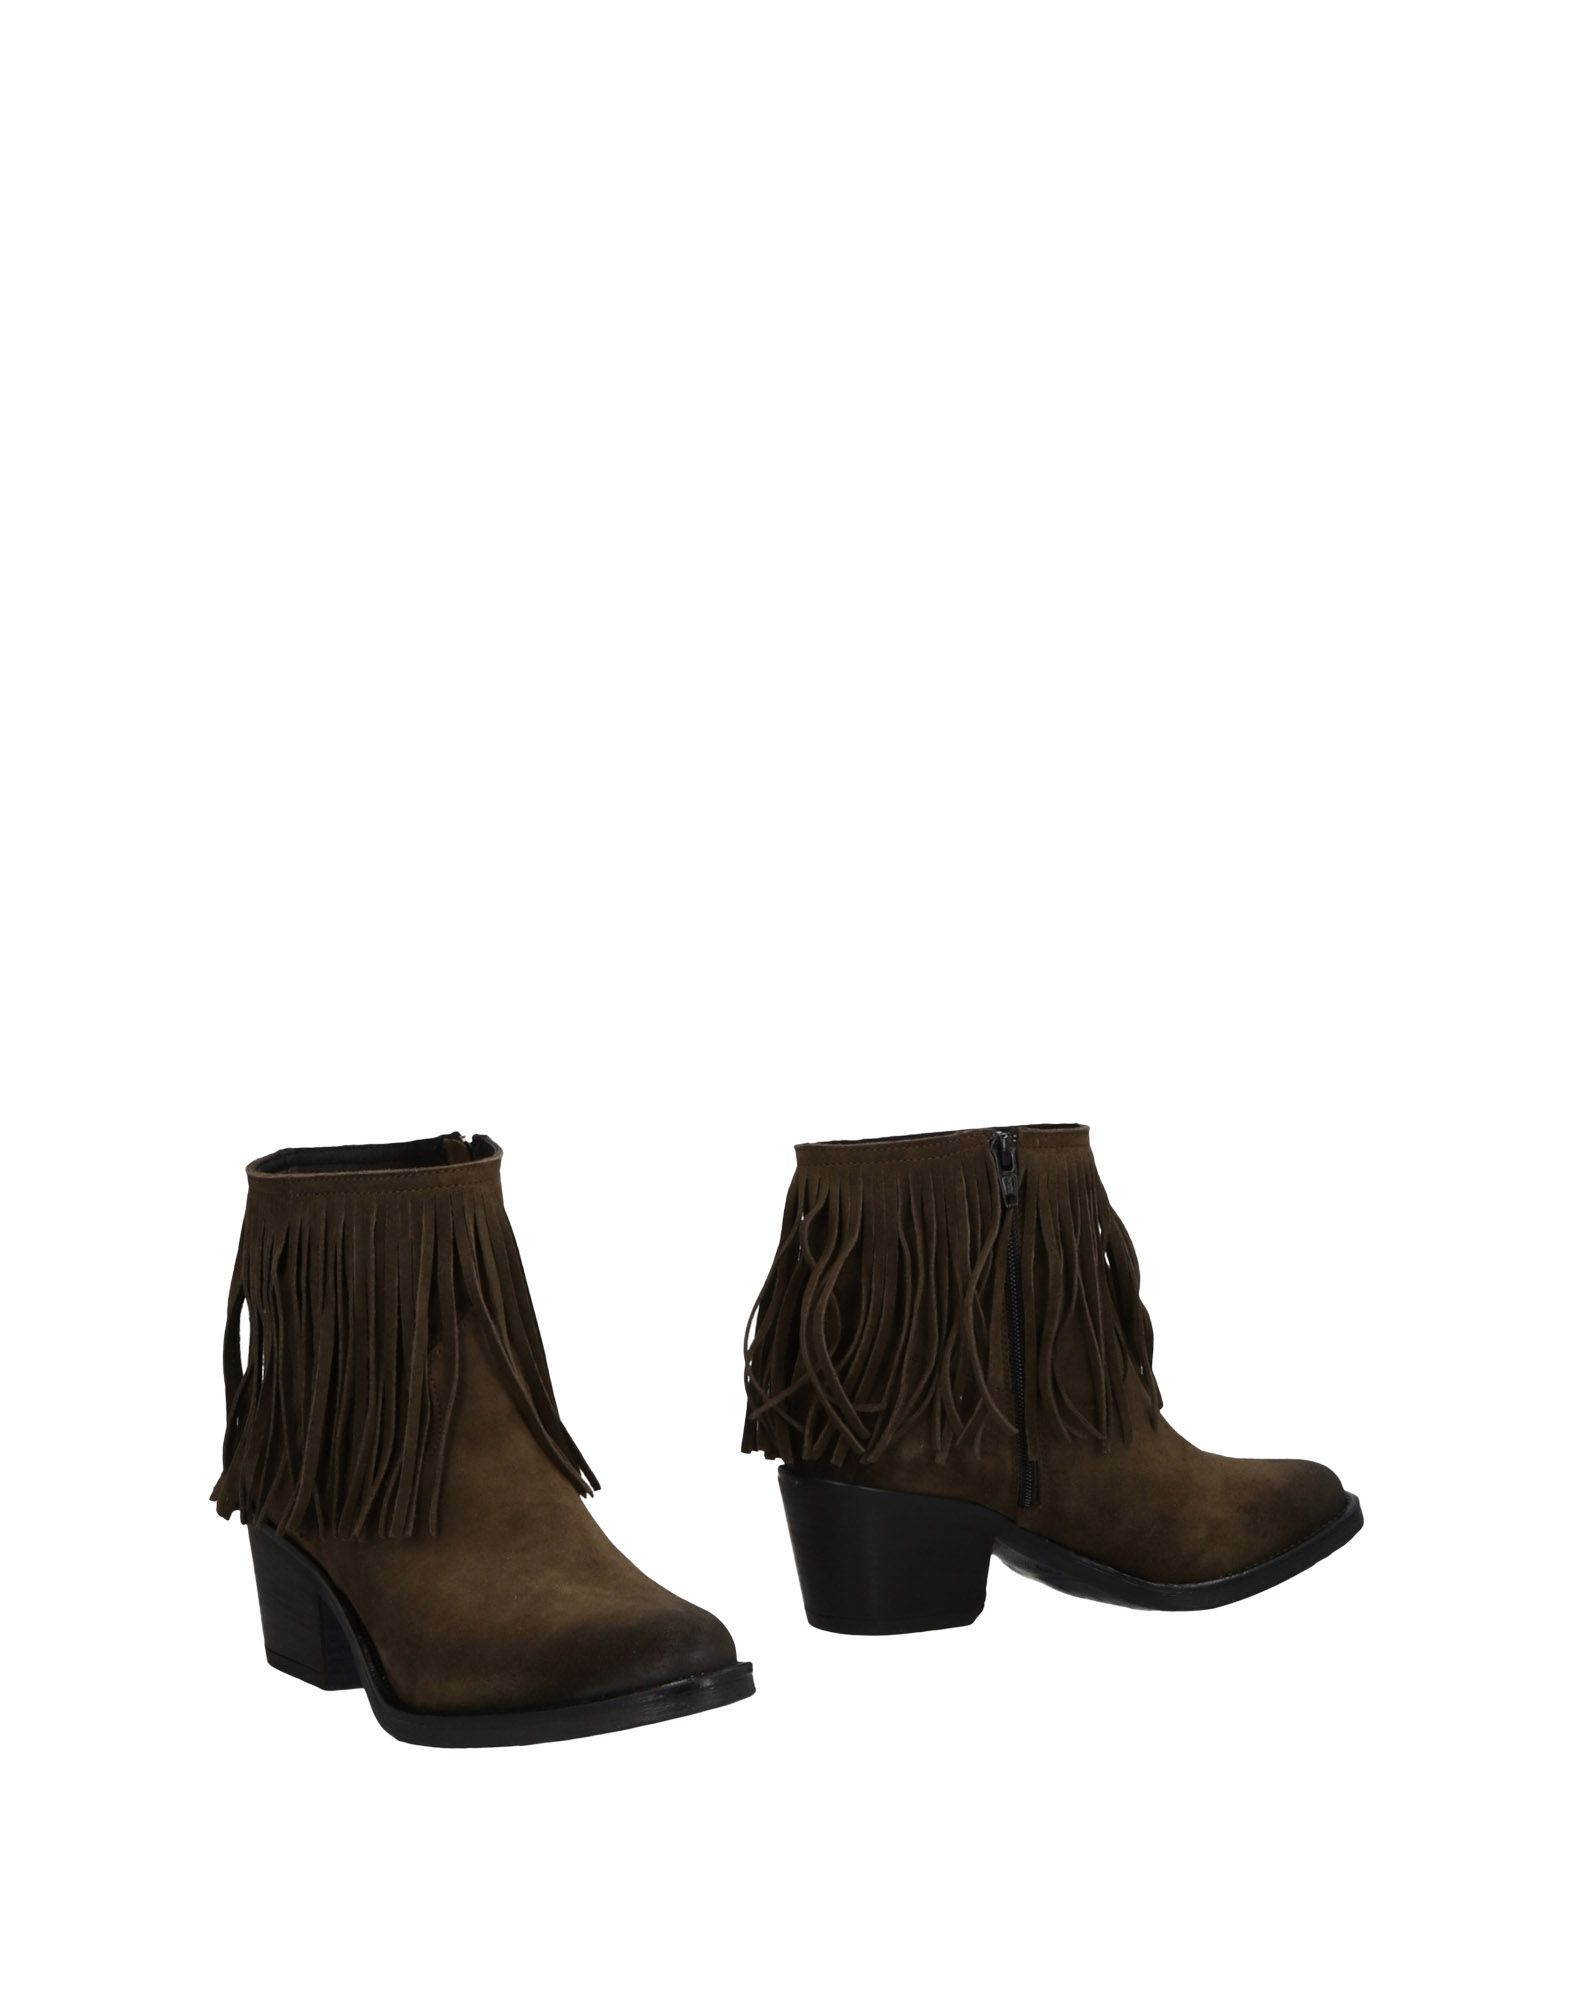 Mally Stiefelette Damen  11474172IW Gute Qualität beliebte Schuhe